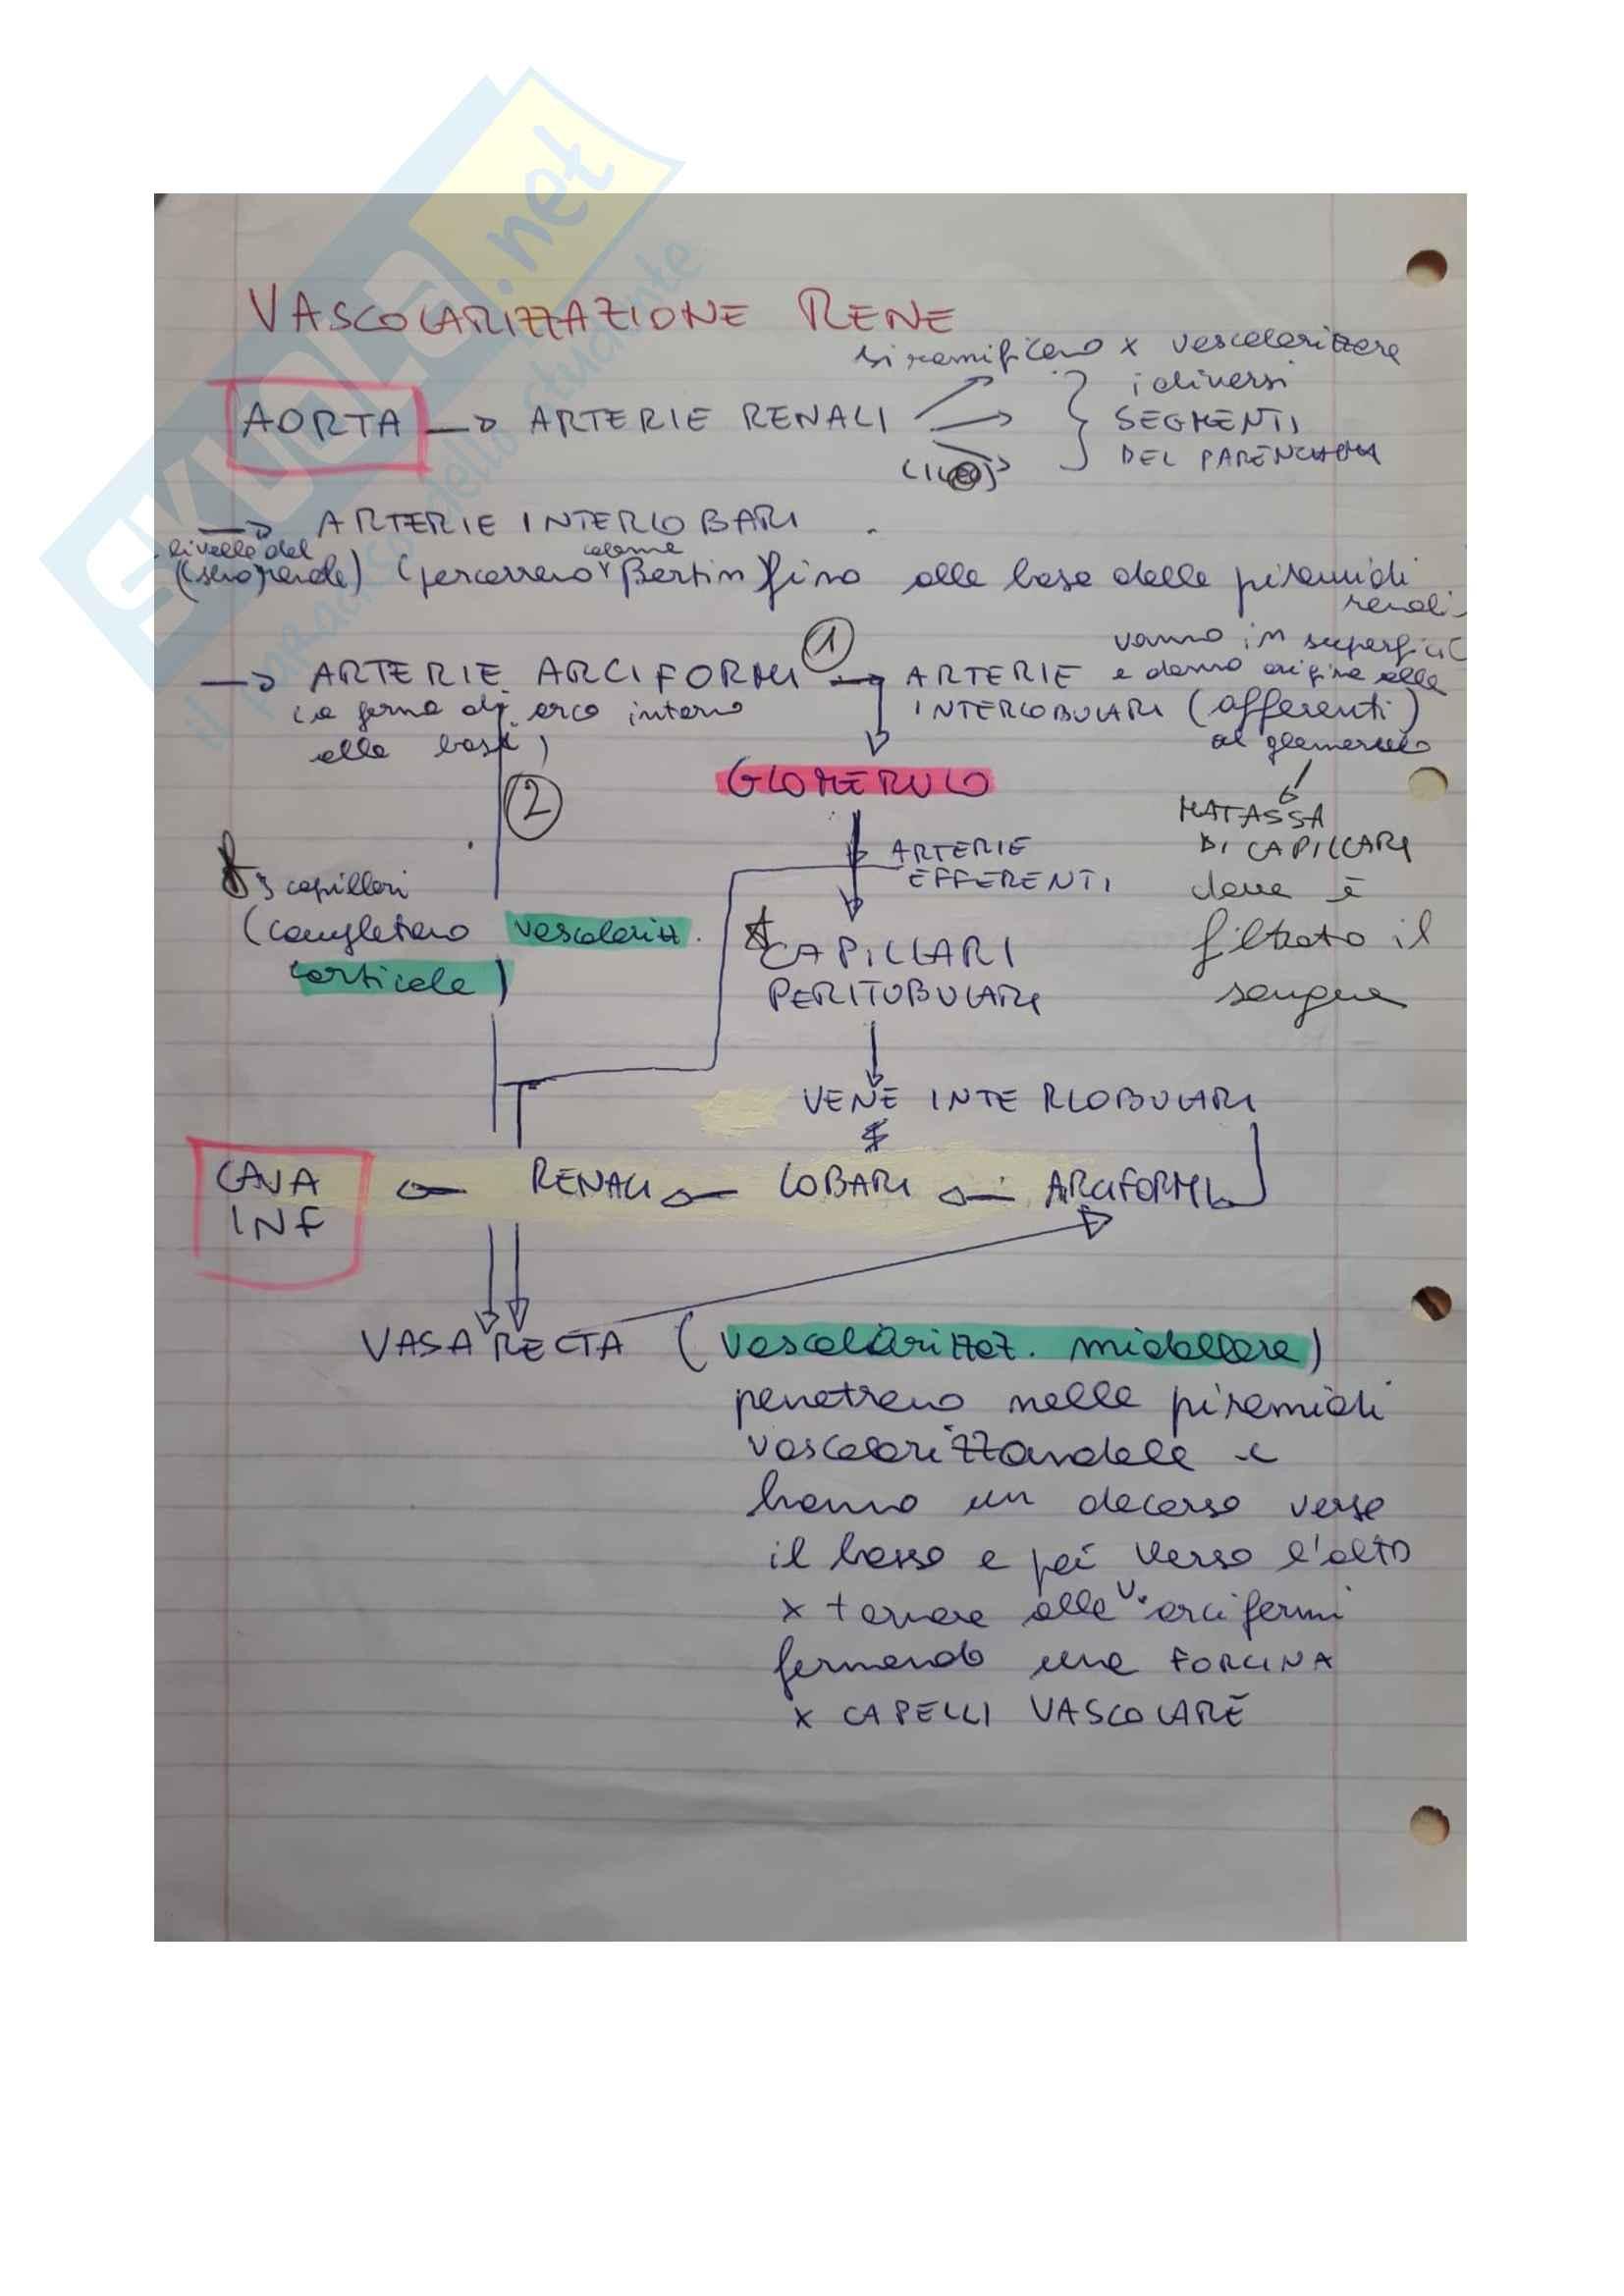 Reni, vascolarizzazione e anatomia nefrone